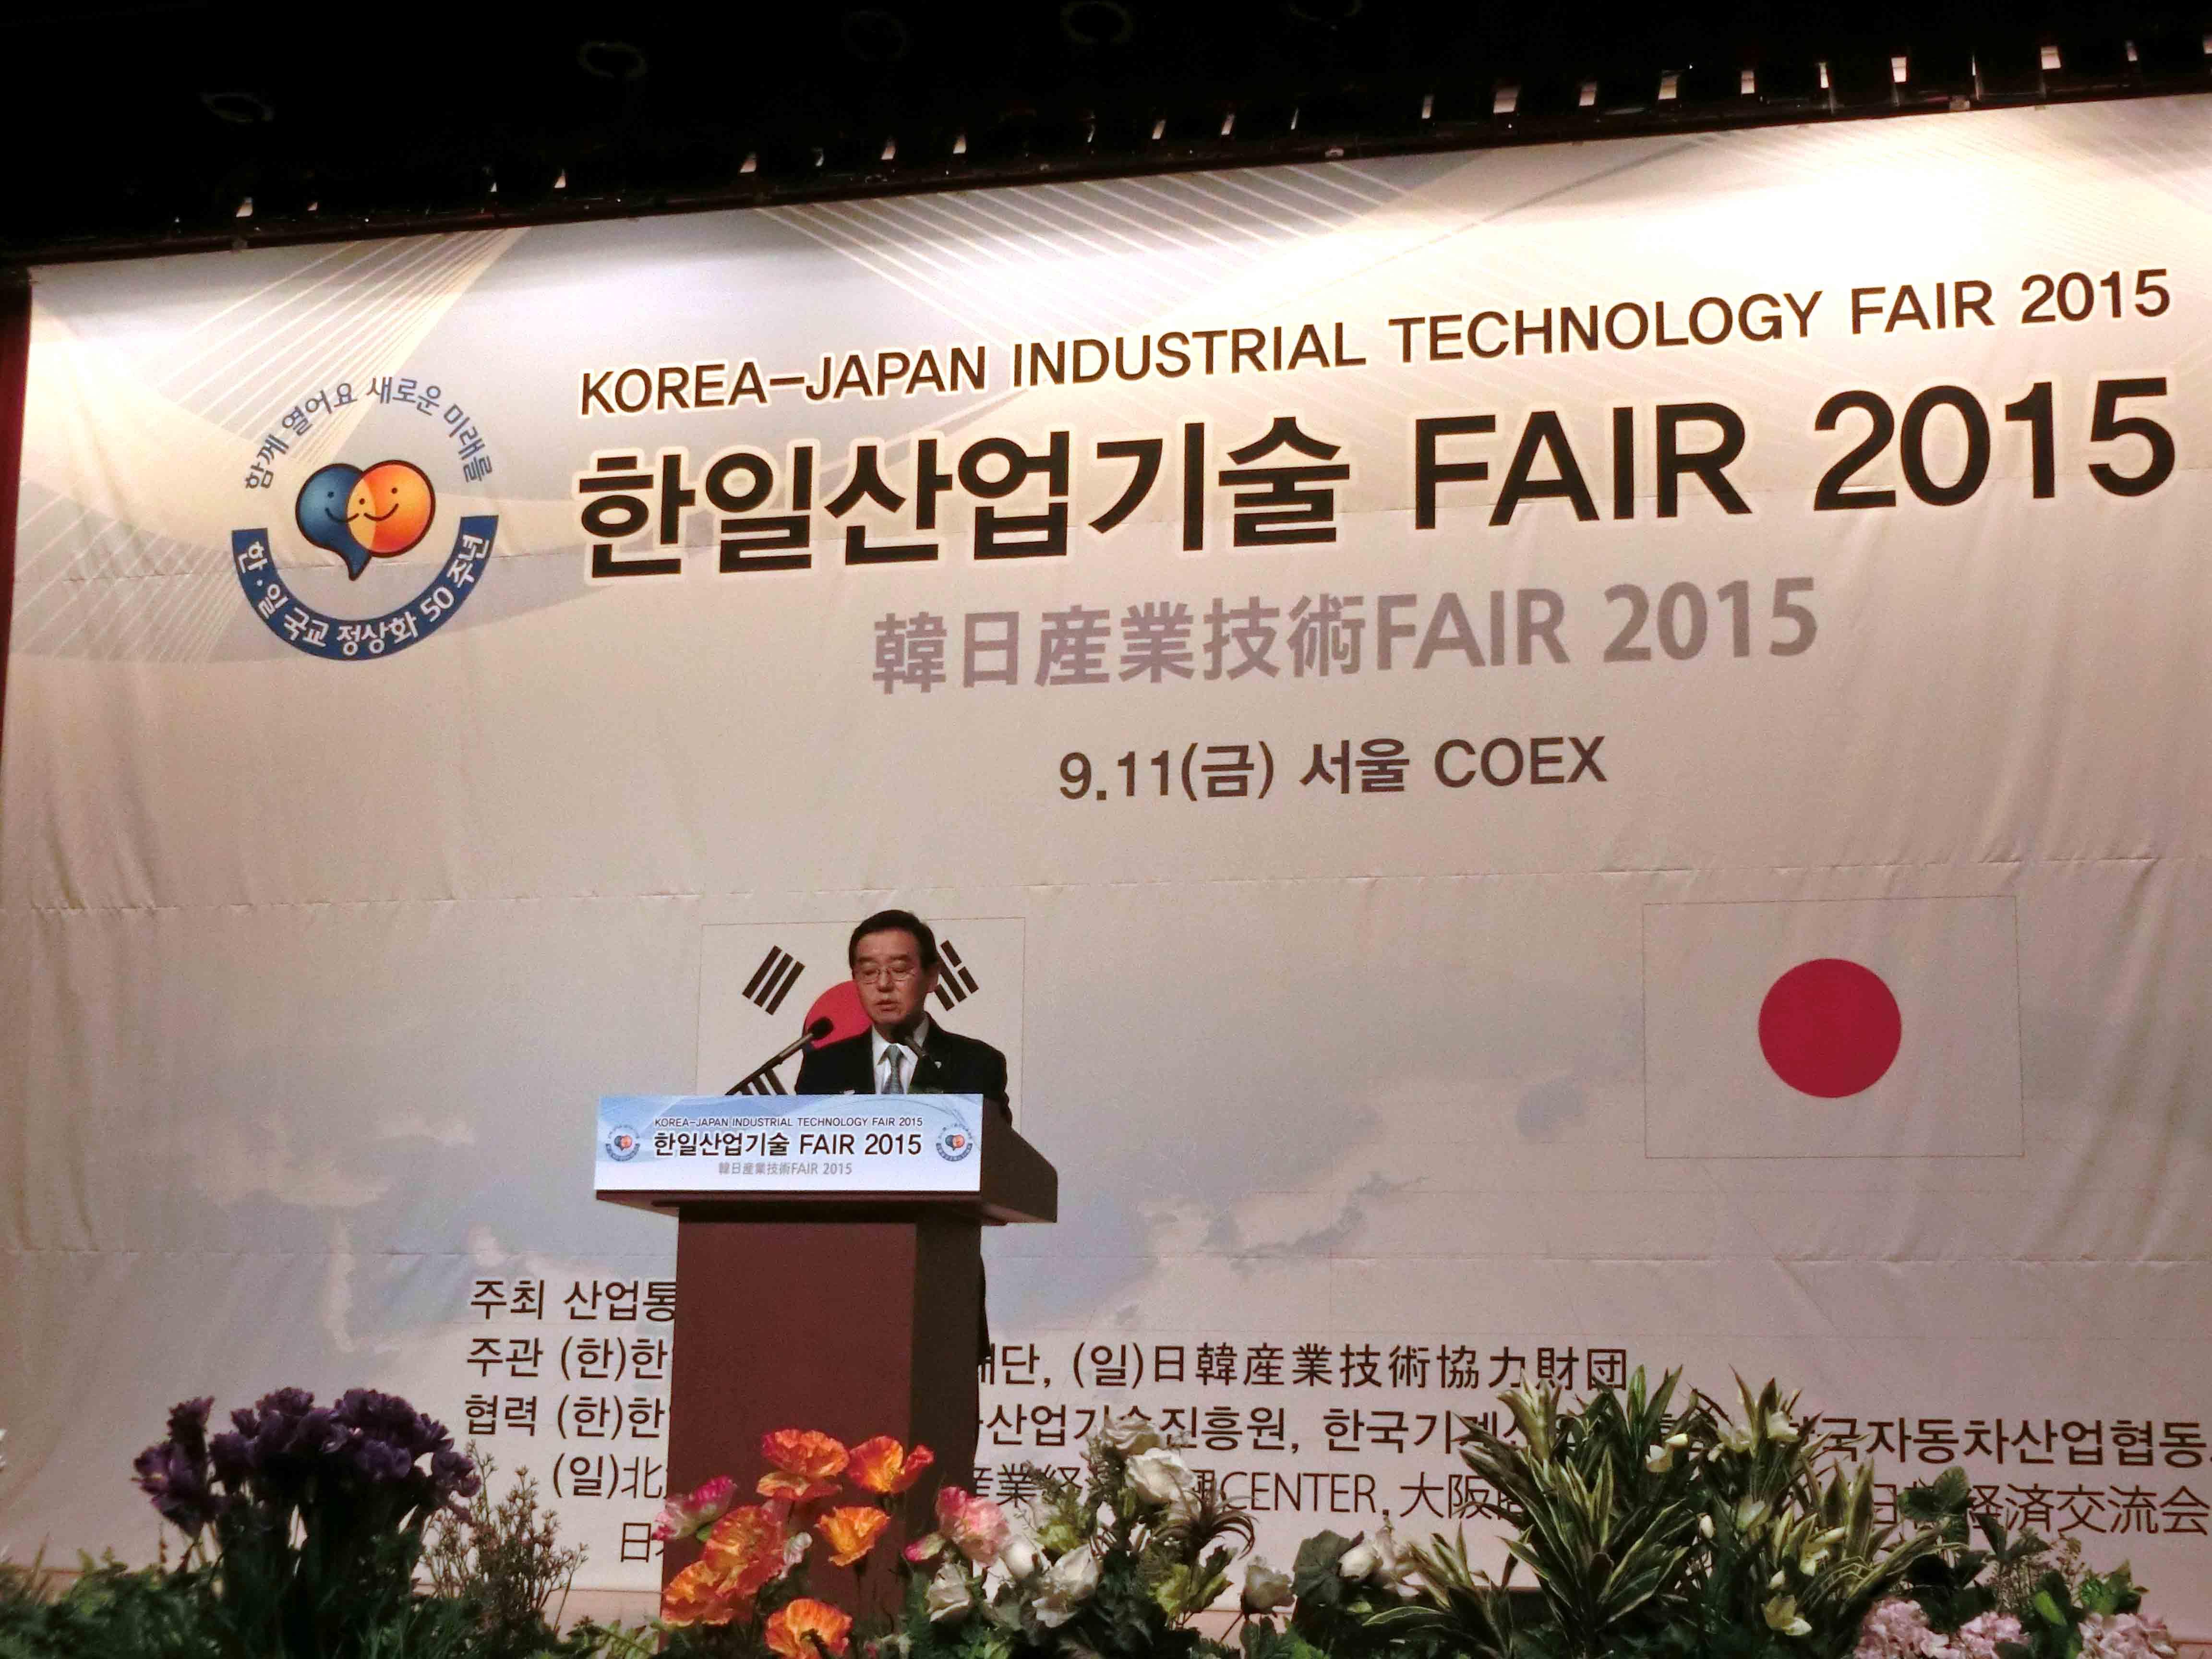 日韓産業技術フェア2015開会式